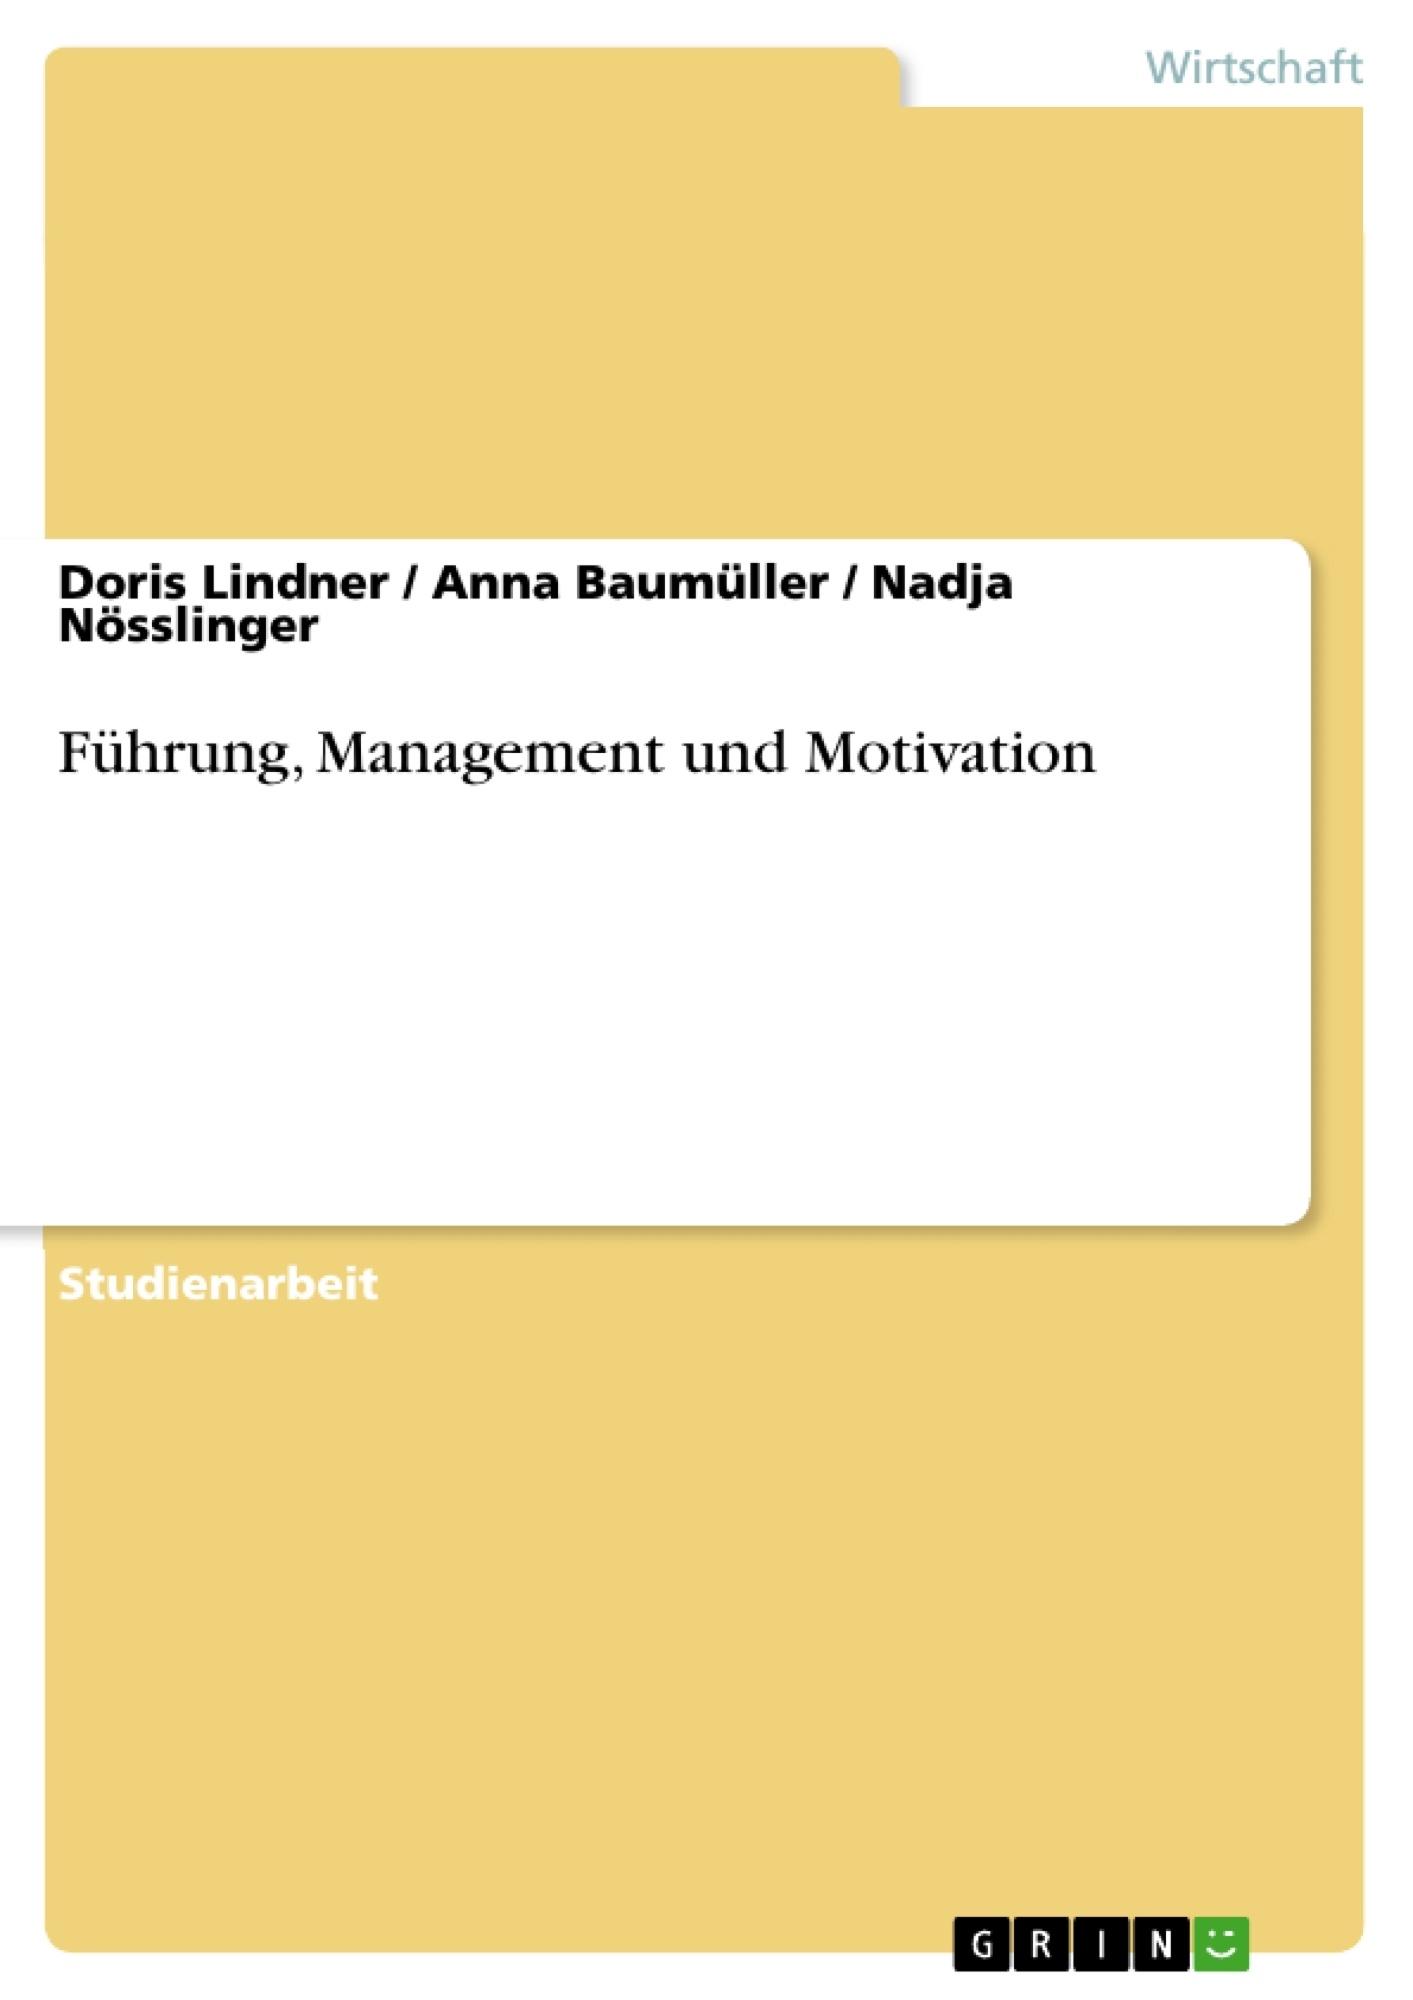 Titel: Führung, Management und Motivation